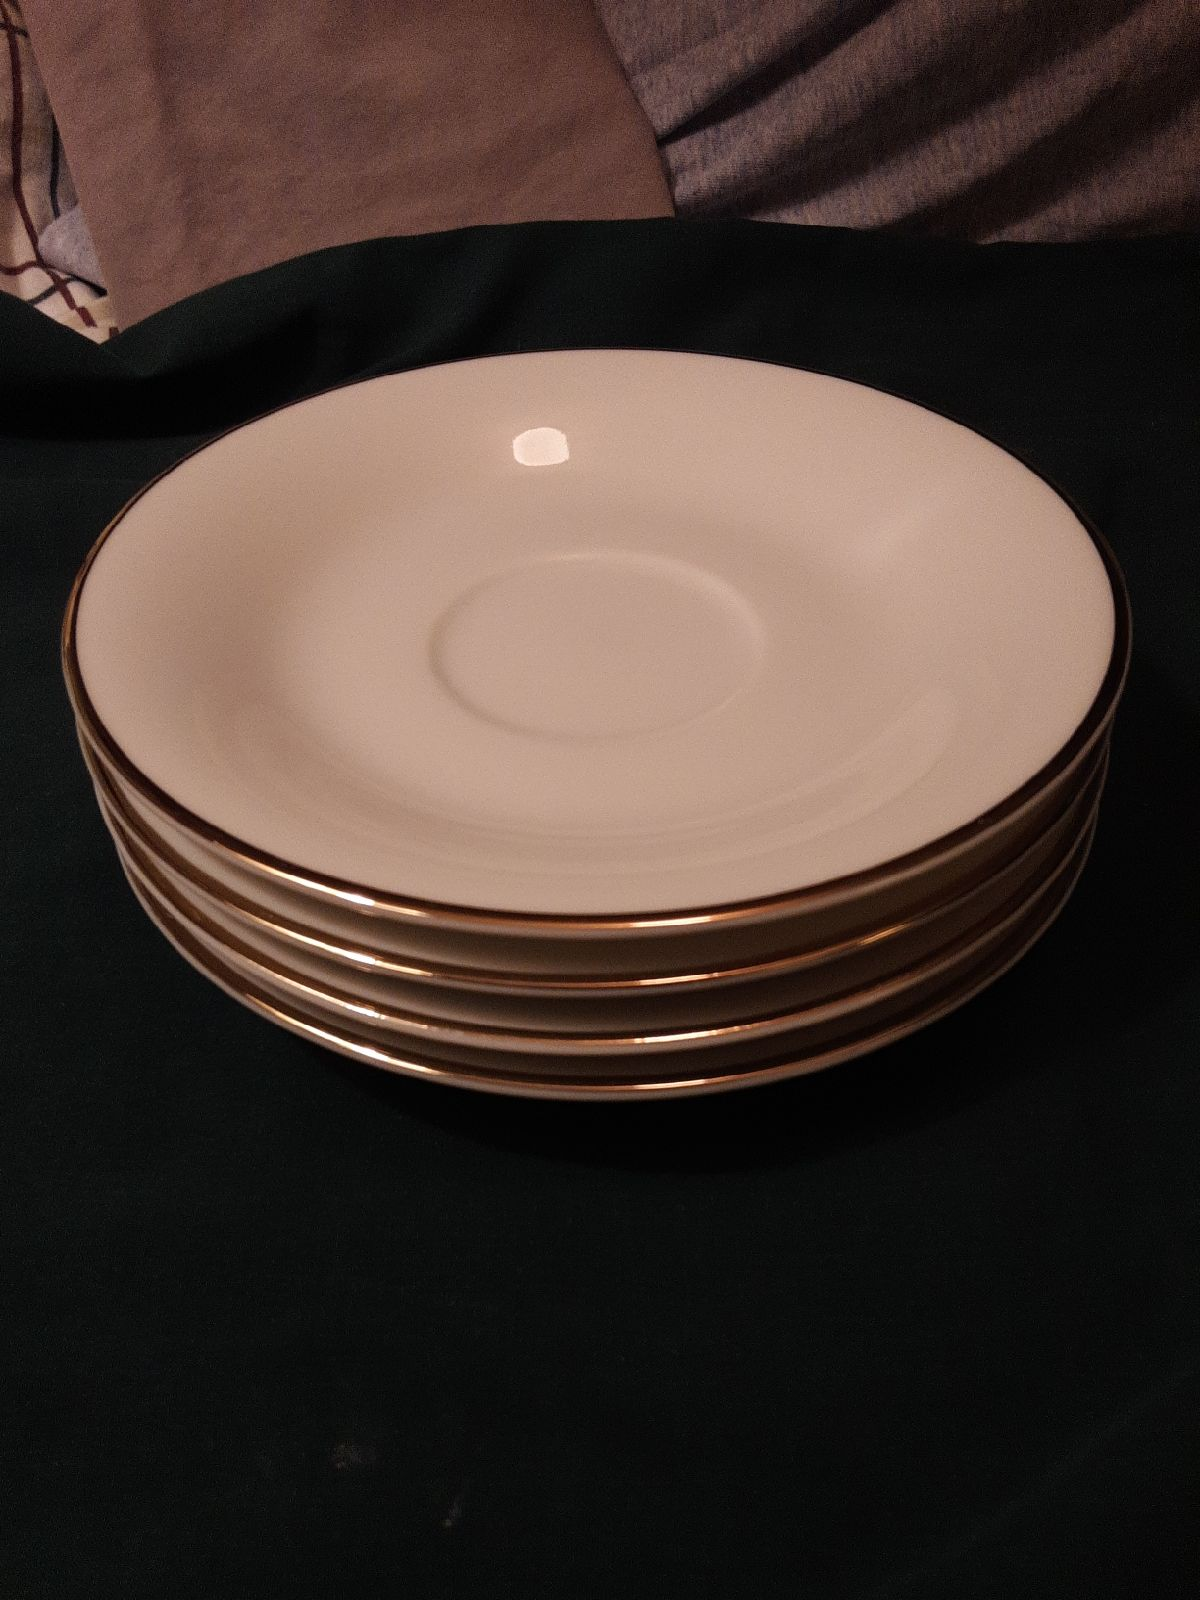 Macys Porcelain Saucer Set (4)